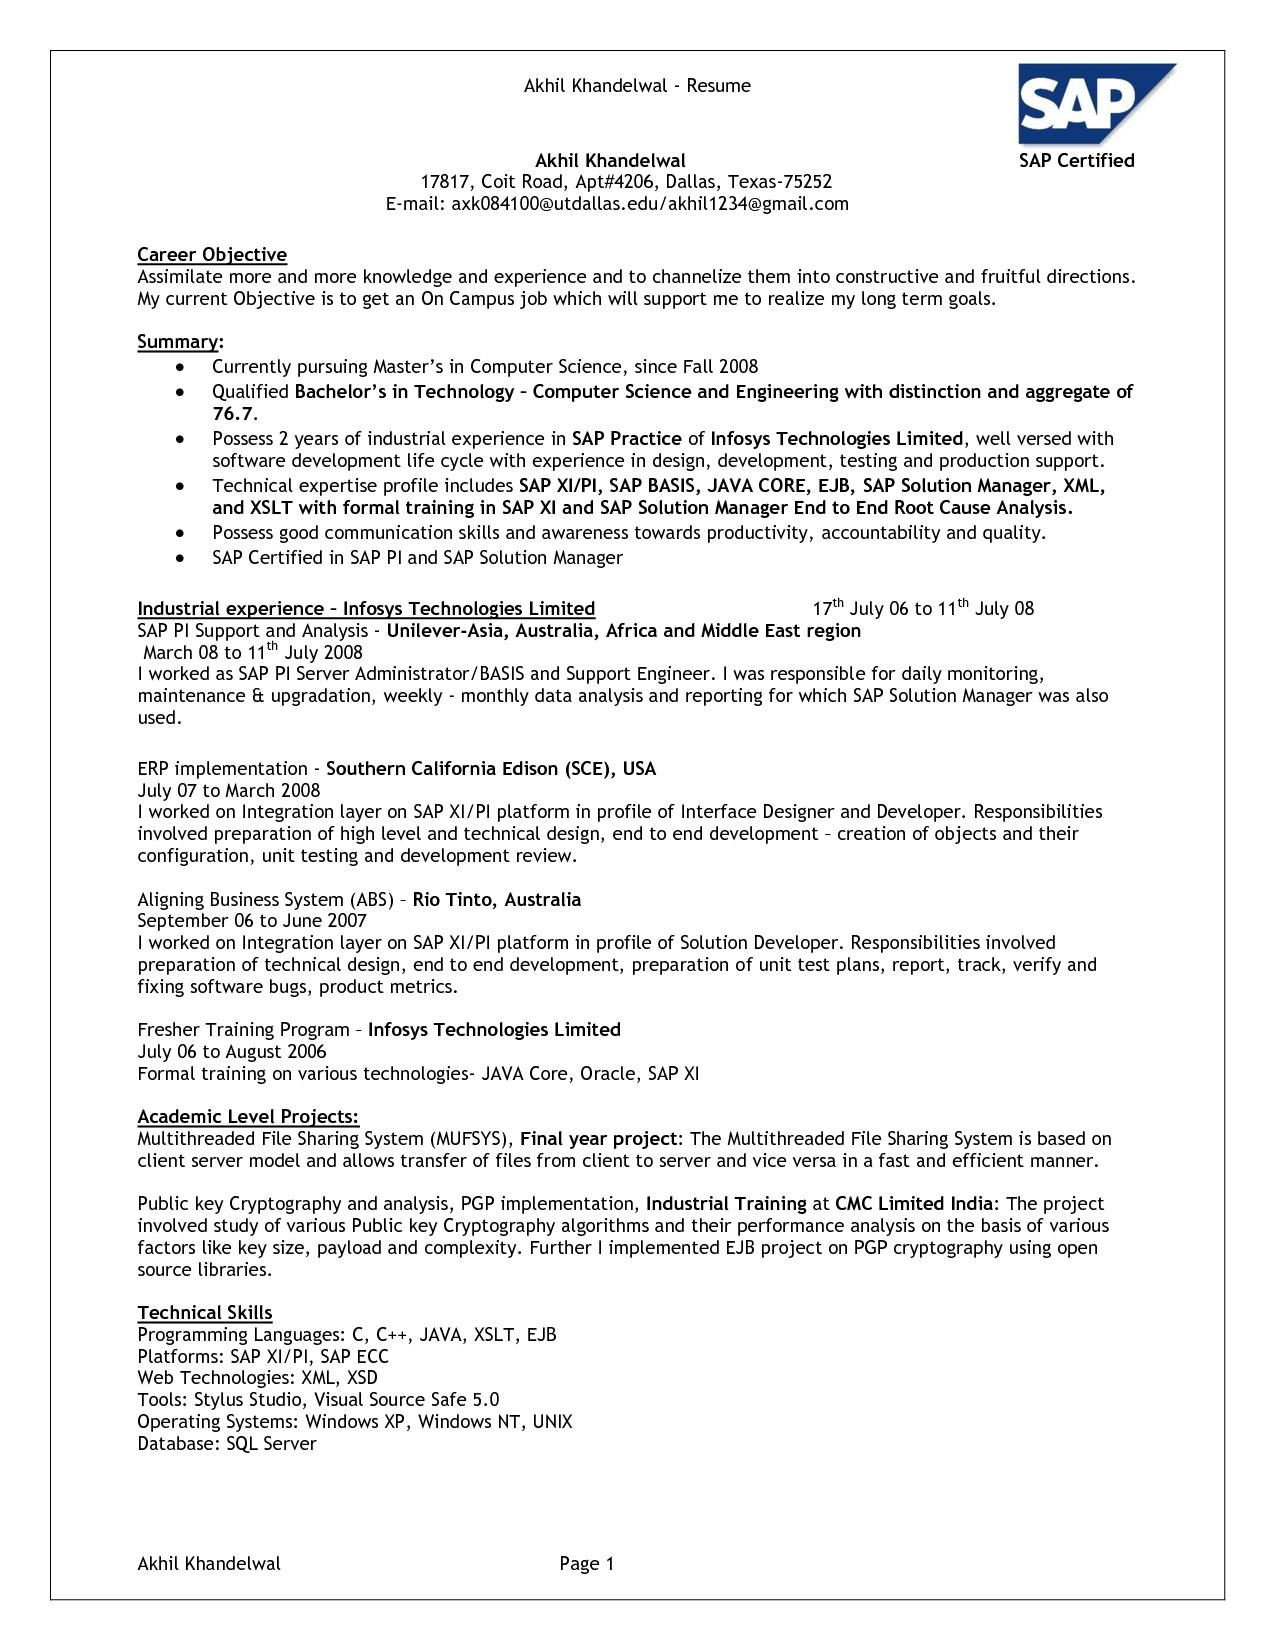 Sap Mm Fresher Resume Format in 2020 Job resume, Resume